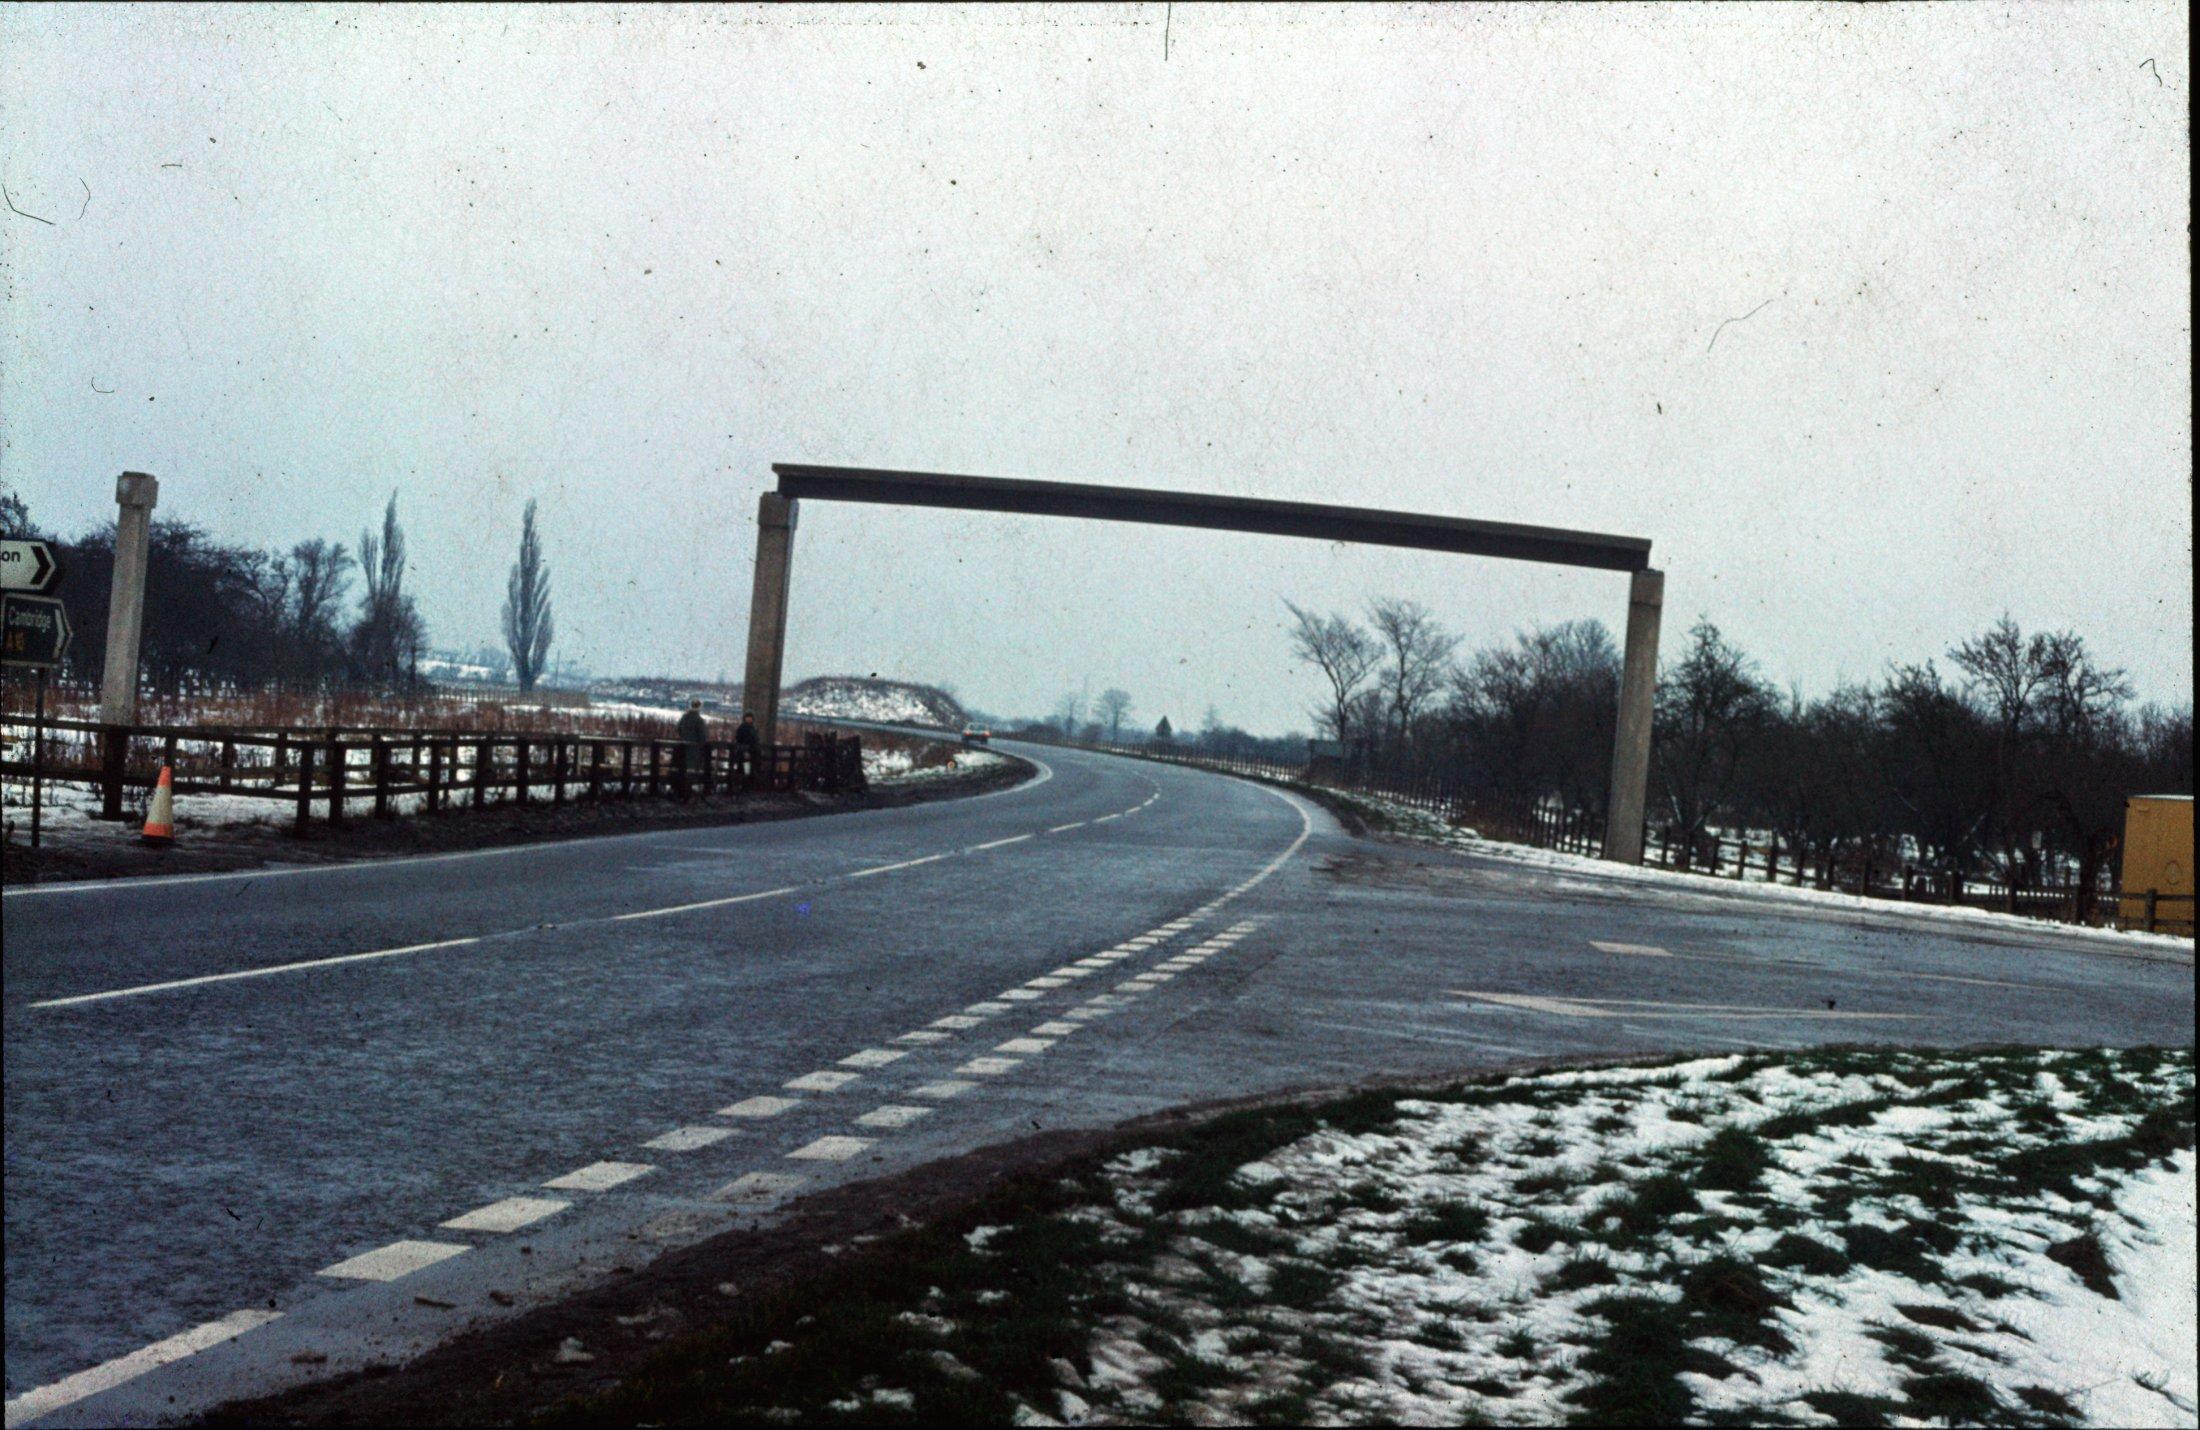 A10 Footbridge under construction